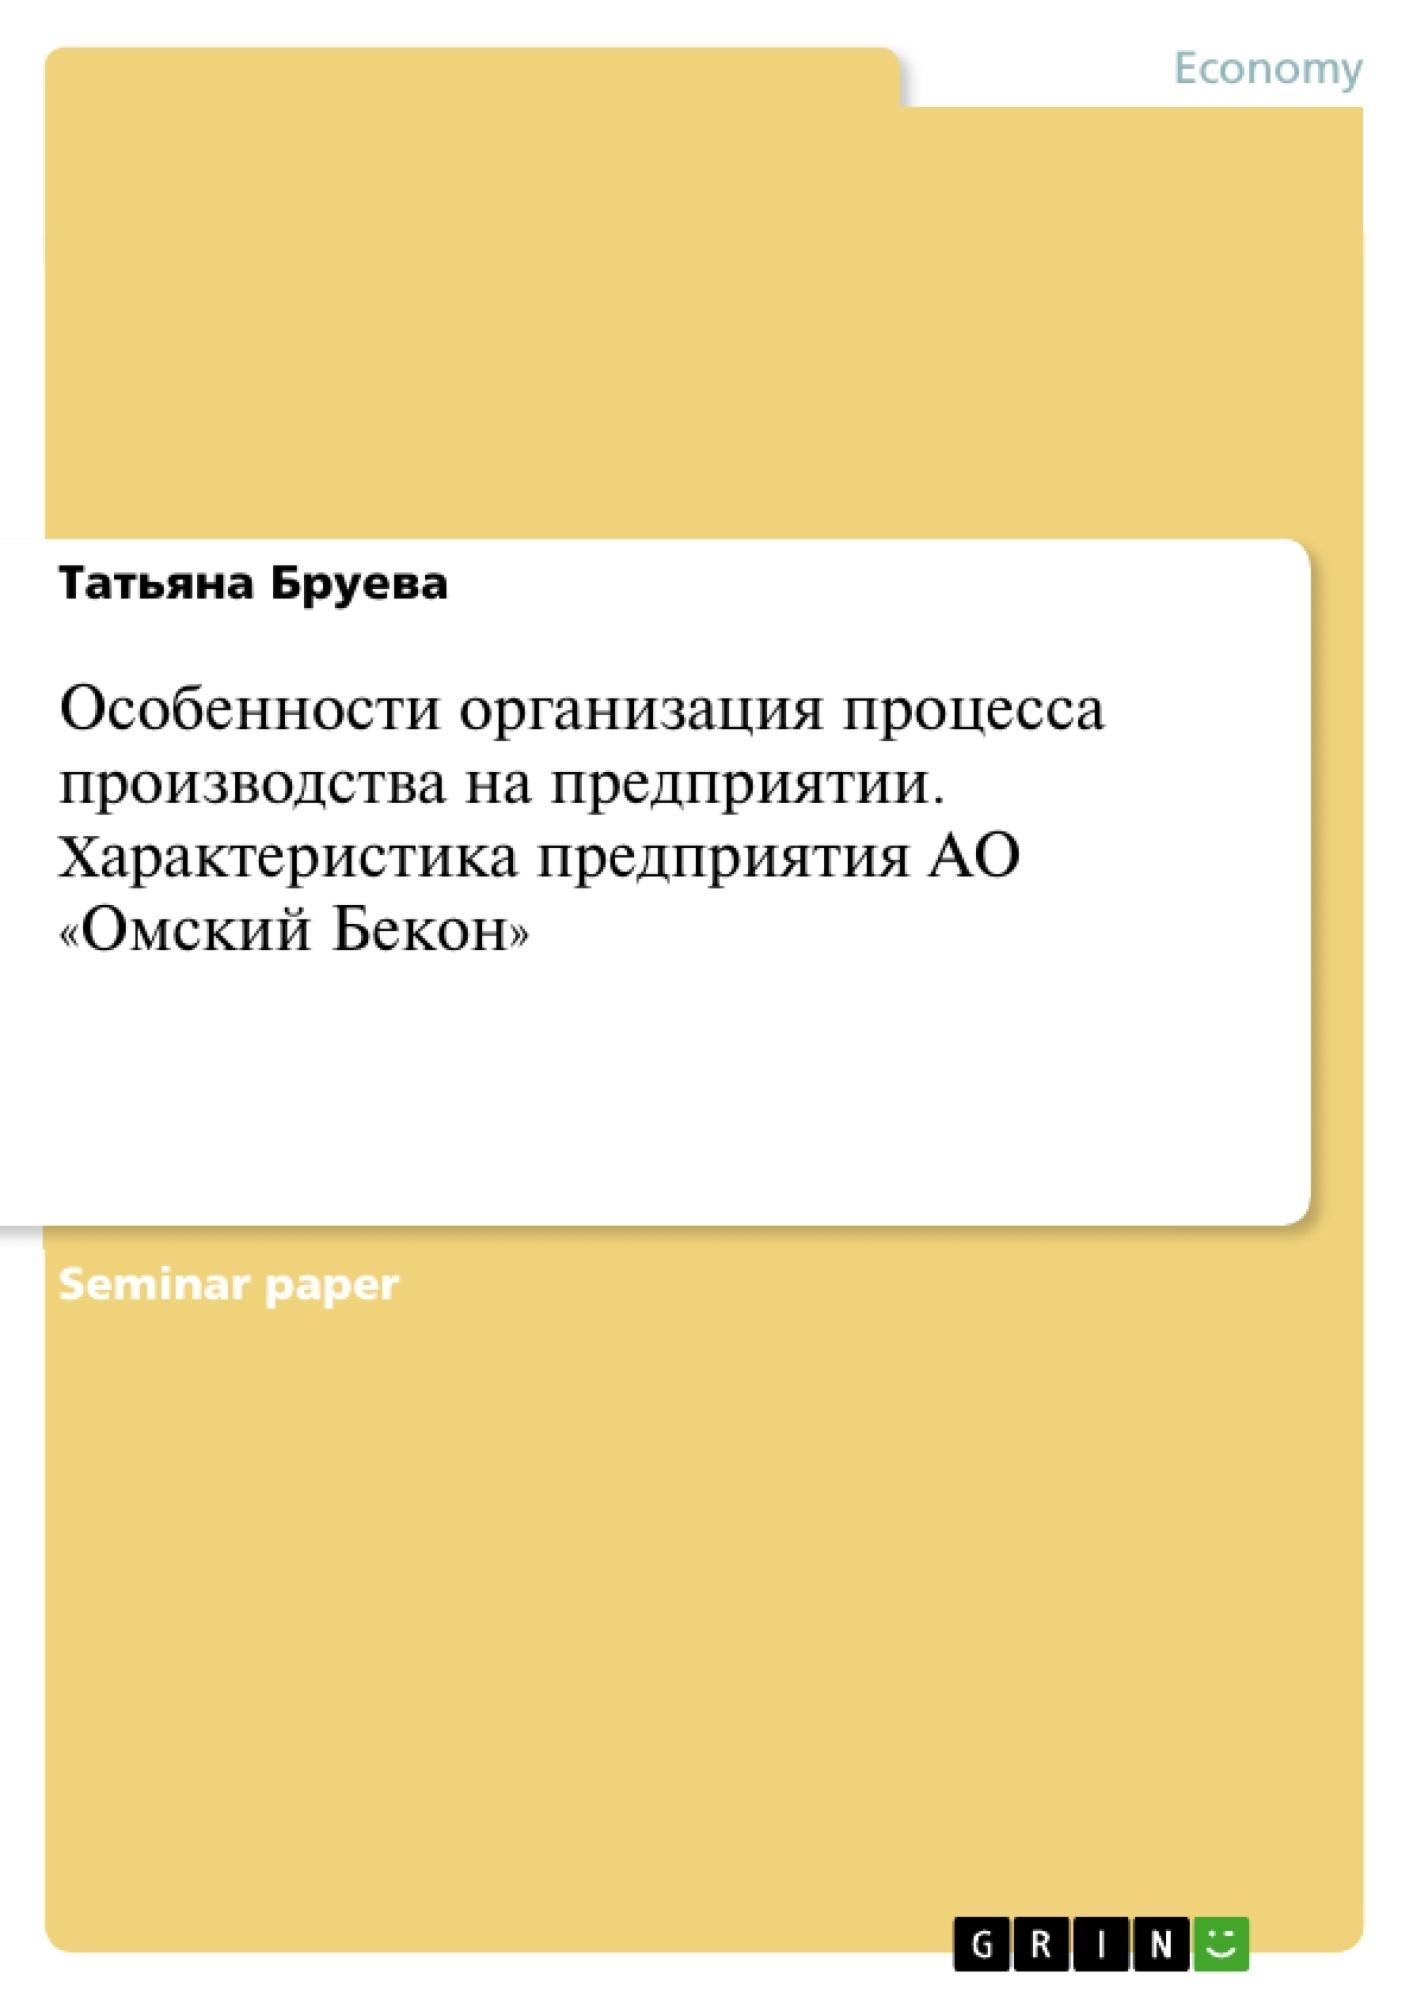 Title: Особенности организация процесса производства на предприятии. Xарактеристика предприятия АО «Омский Бекон»